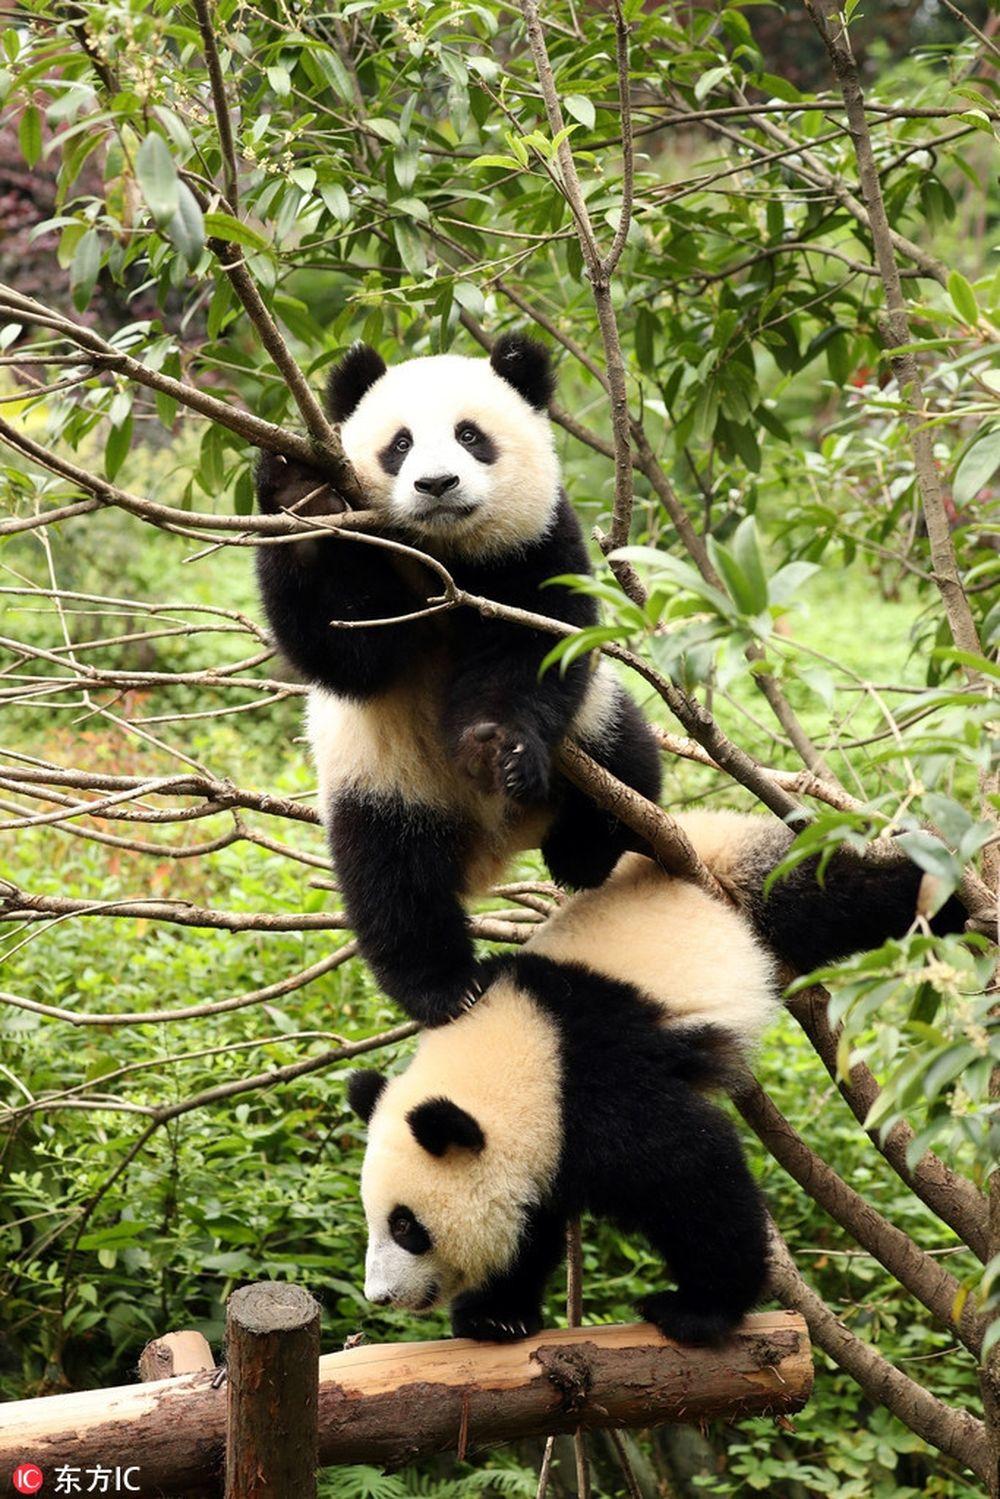 Trong ảnh là khoảnh khắc hai con gấu trúc vị thành niên nghịch ngợm, leo trèo trên cây. Chúng bẩm sinh đã dễ thương nên rất được mọi người yêu thích.